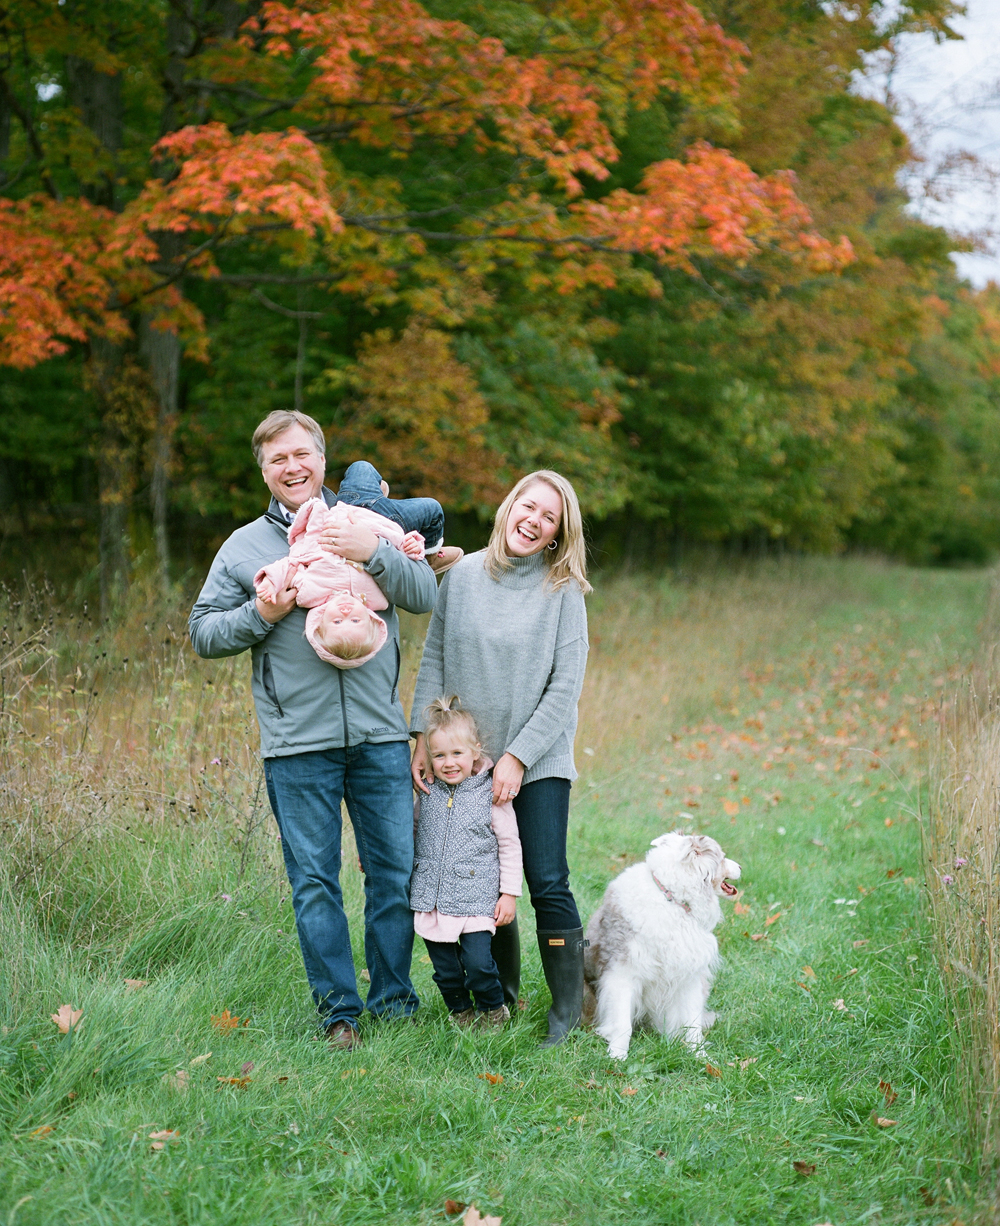 Wisconsin_Portrait_Photographer_McCartney_039.jpg